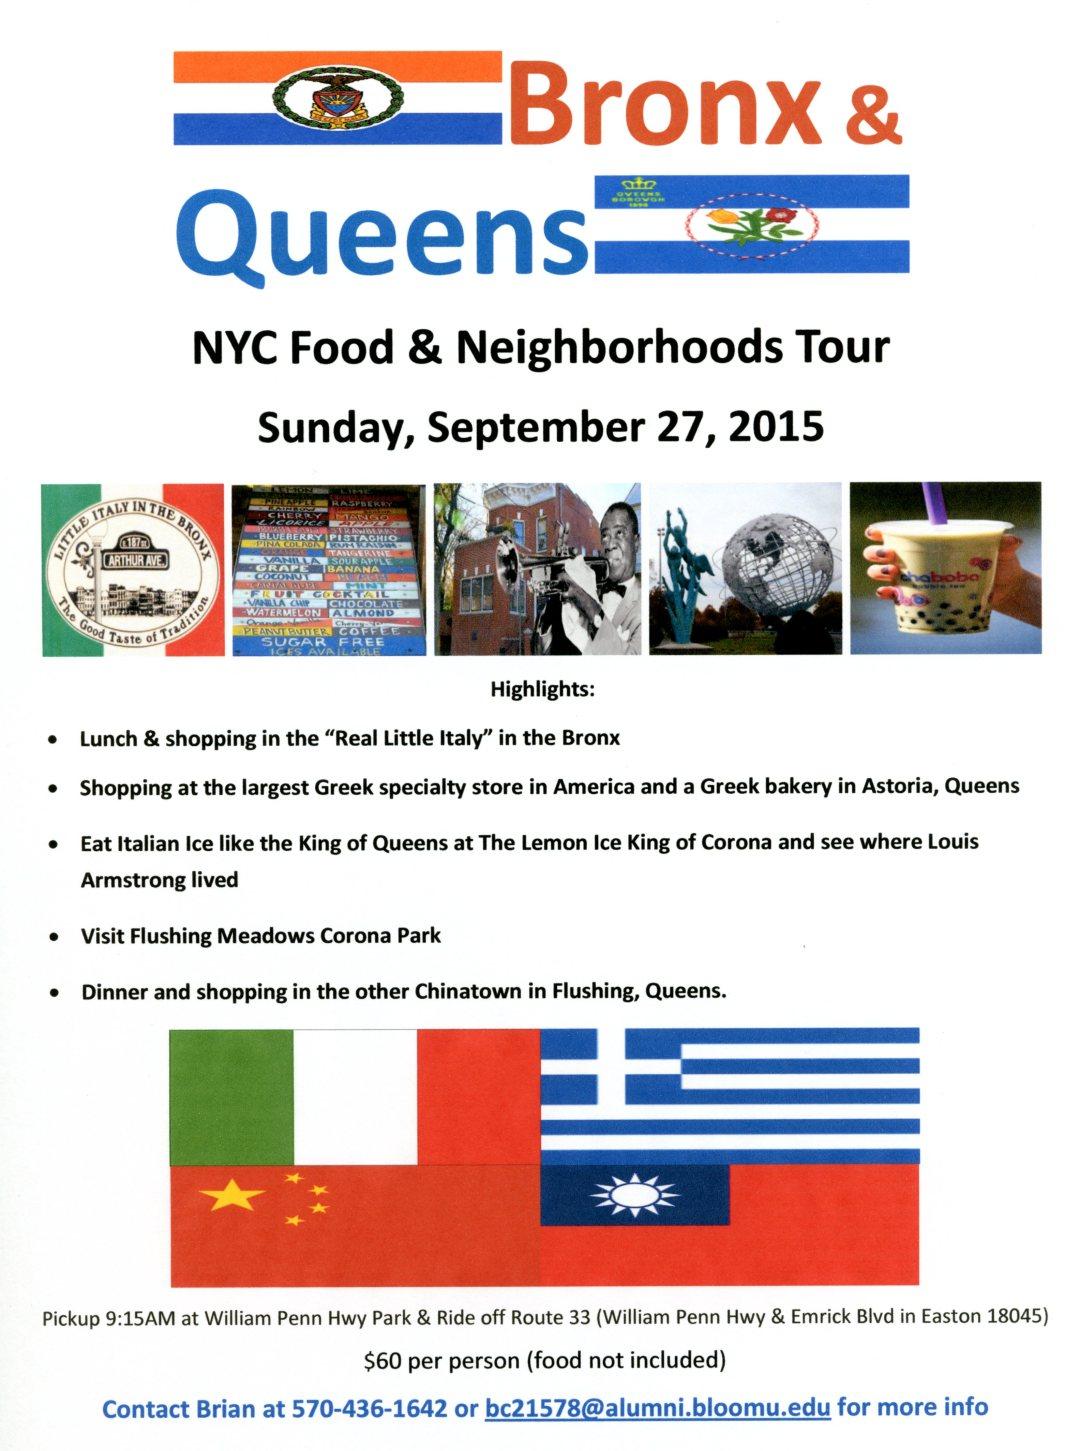 Bronx & Queens